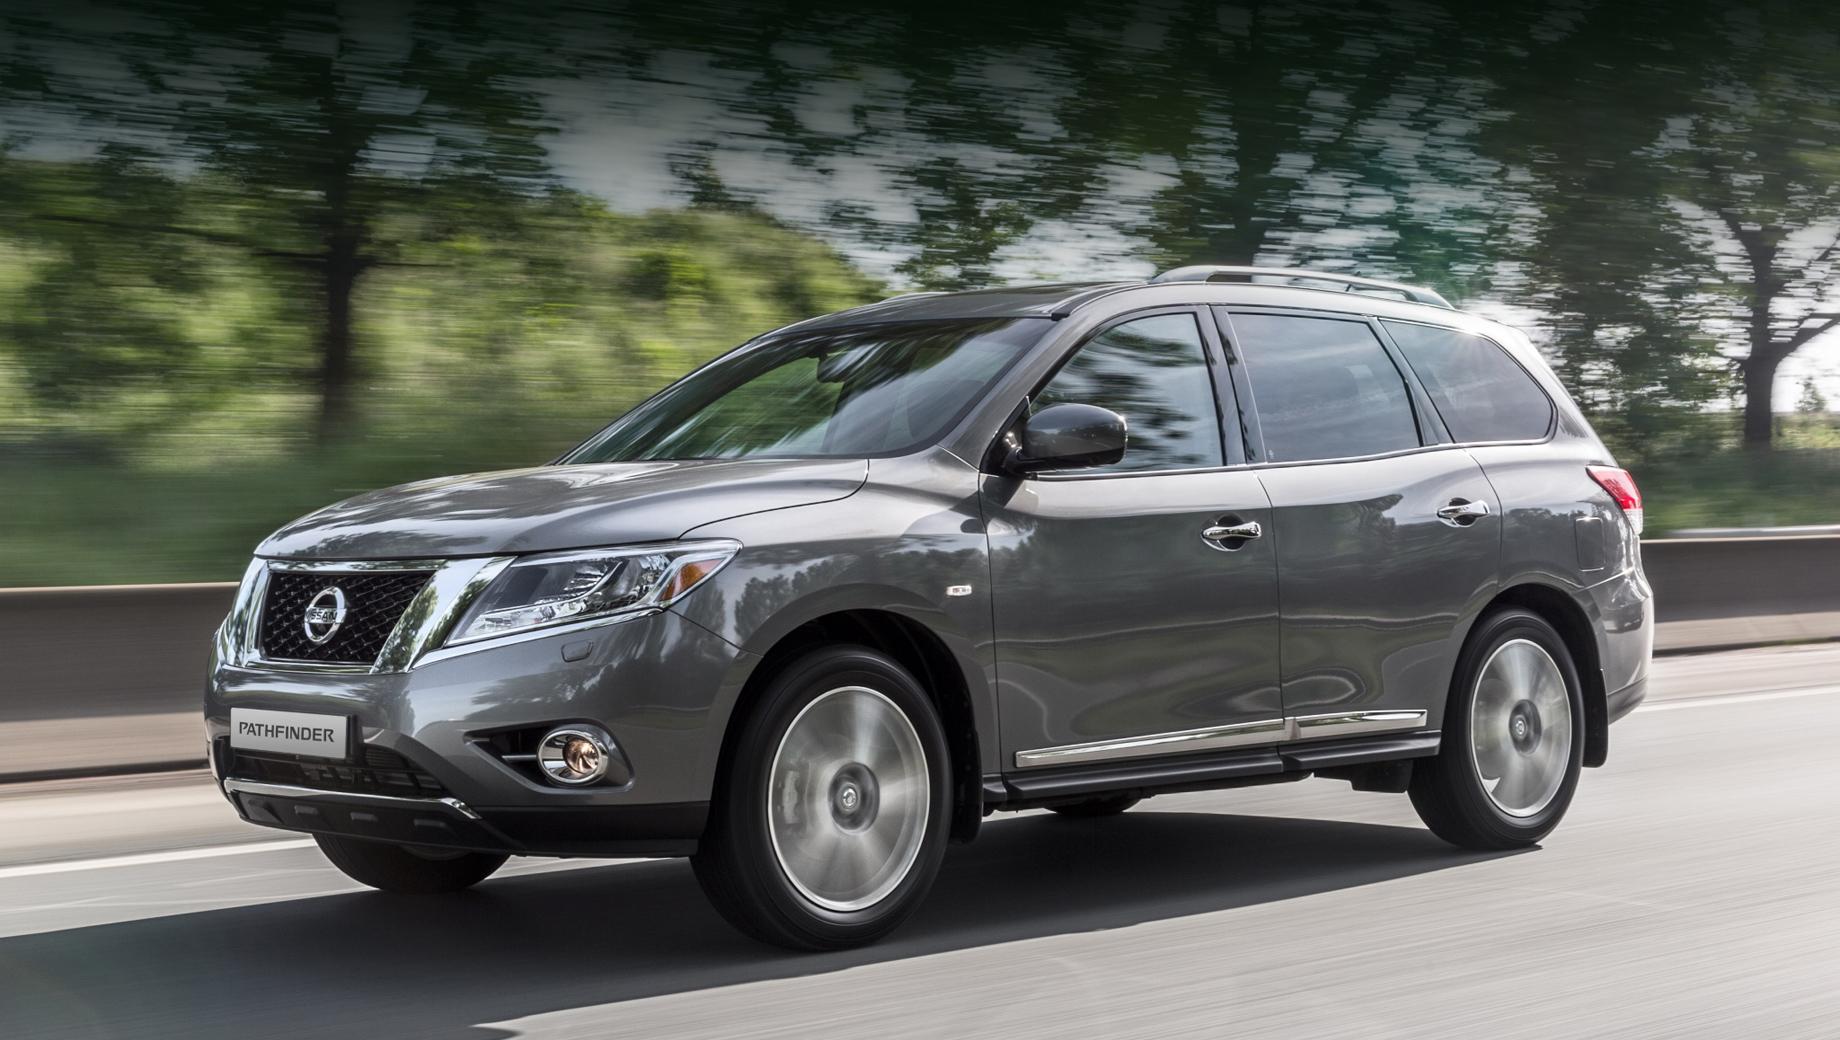 Nissan pathfinder. Pathfinder прошлого поколения (на фото) ушёл из России осенью 2017 года, а новый, «пятый» Pathfinder появится в продаже к концу 2021 года.